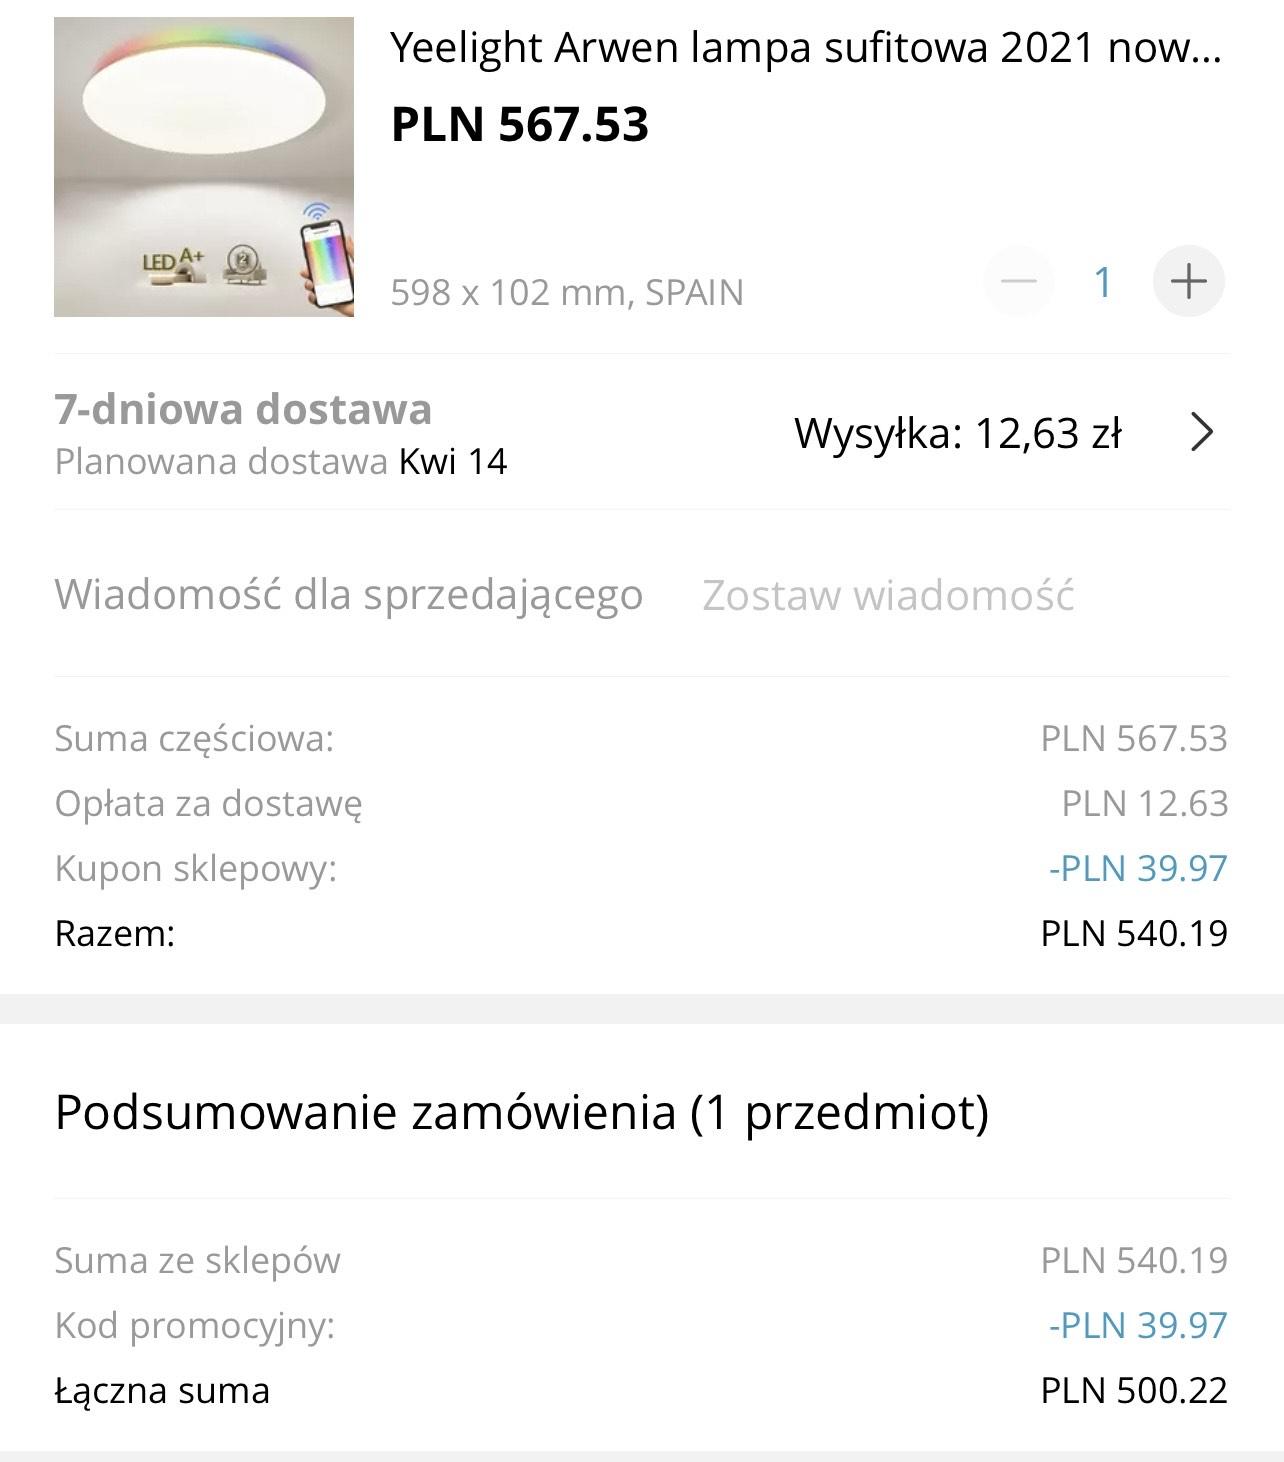 Lampa Yeelight Arwen 550C z Hiszpanii ($127)